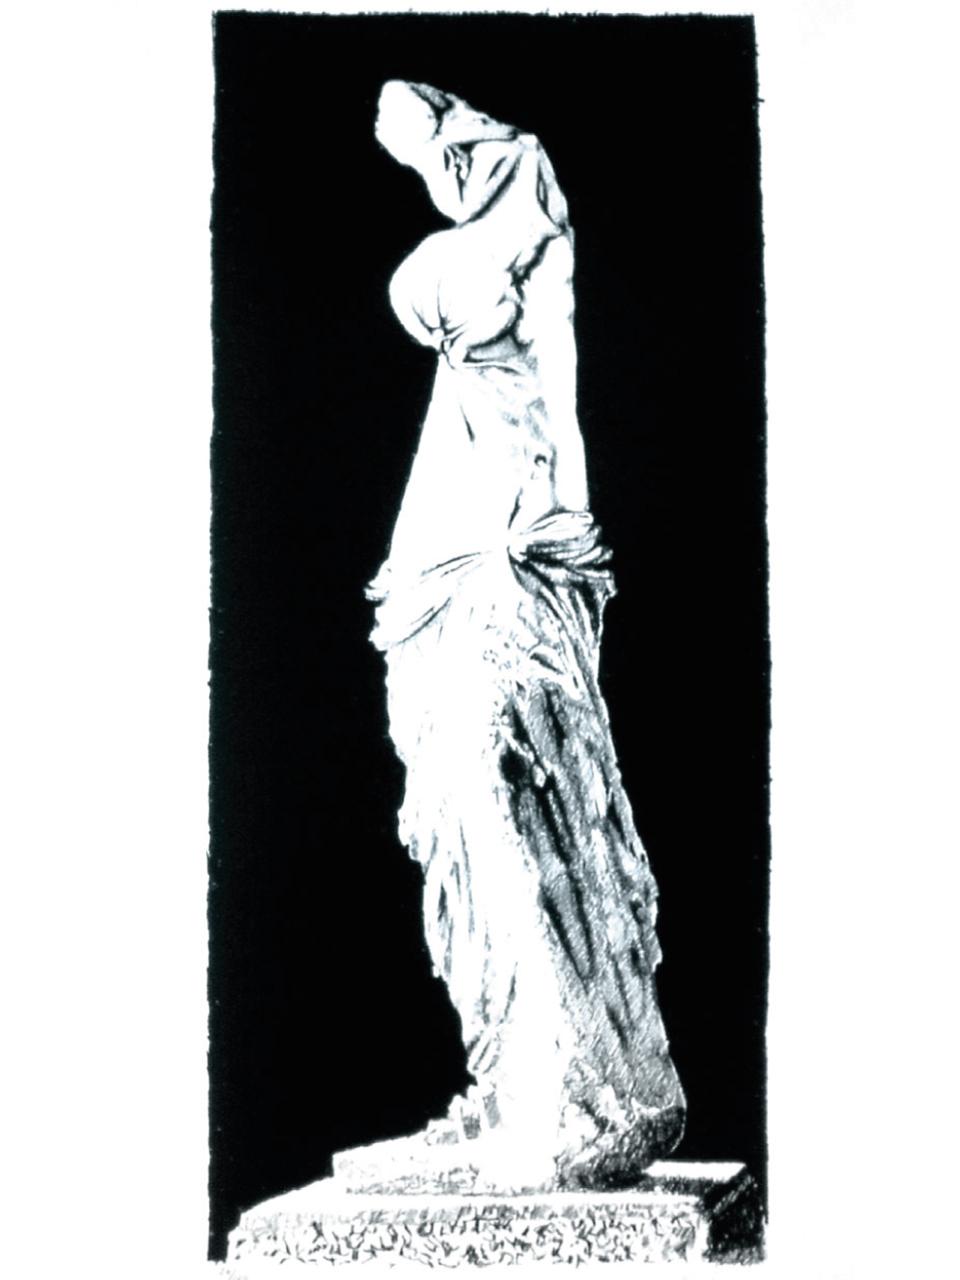 Pol Bury, Ramollissement de la Vénus de Milo II, 1972. Lithographie, 22/100, Atelier Clot éditeur. Collection Centre de la Gravure, La Louvière